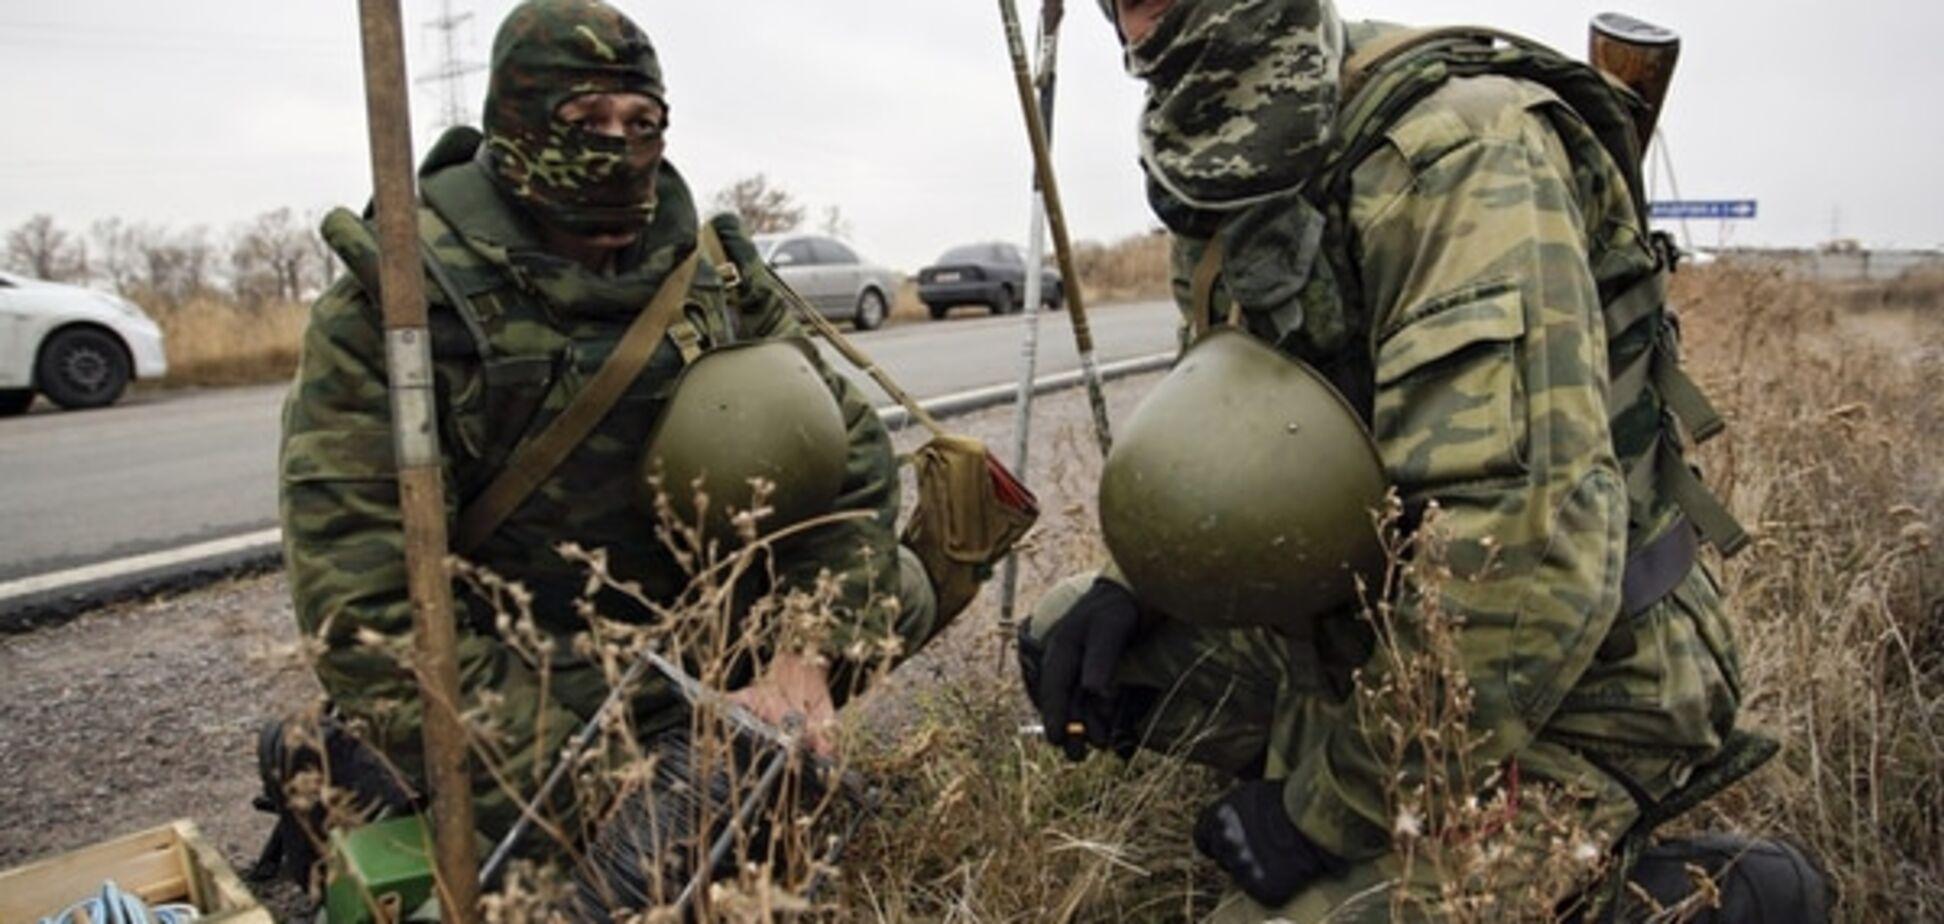 Терористи намагалися витіснити бійців АТО з їхніх позицій на Донбасі